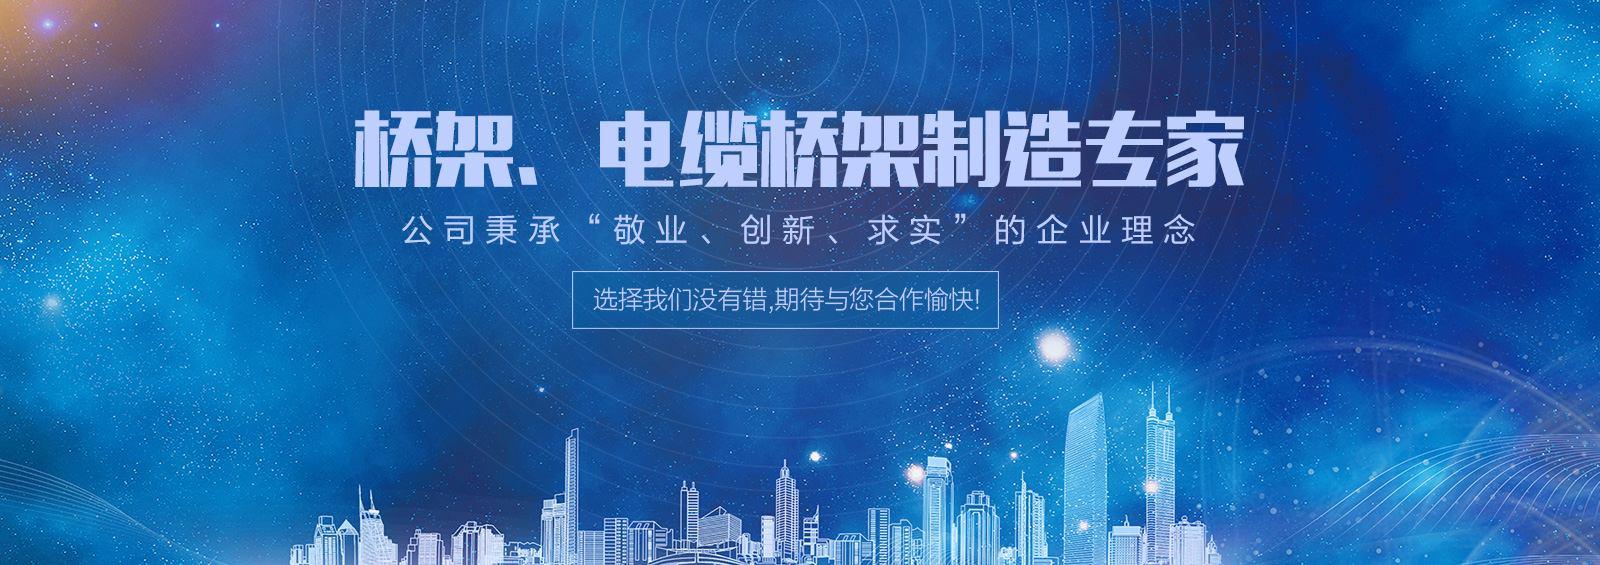 重庆彩票网桥架